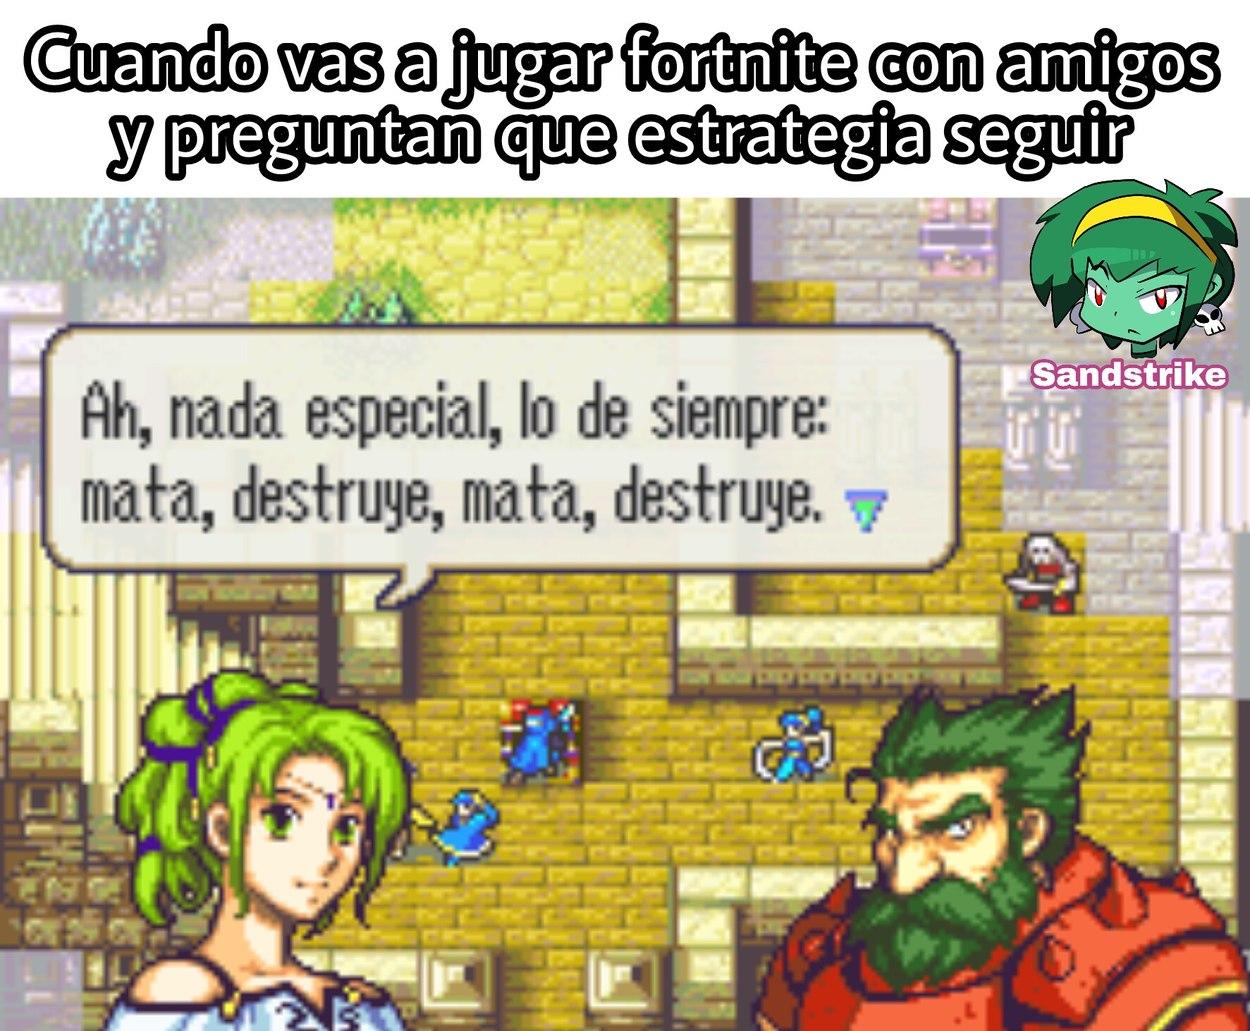 Pan con *c muere* - meme